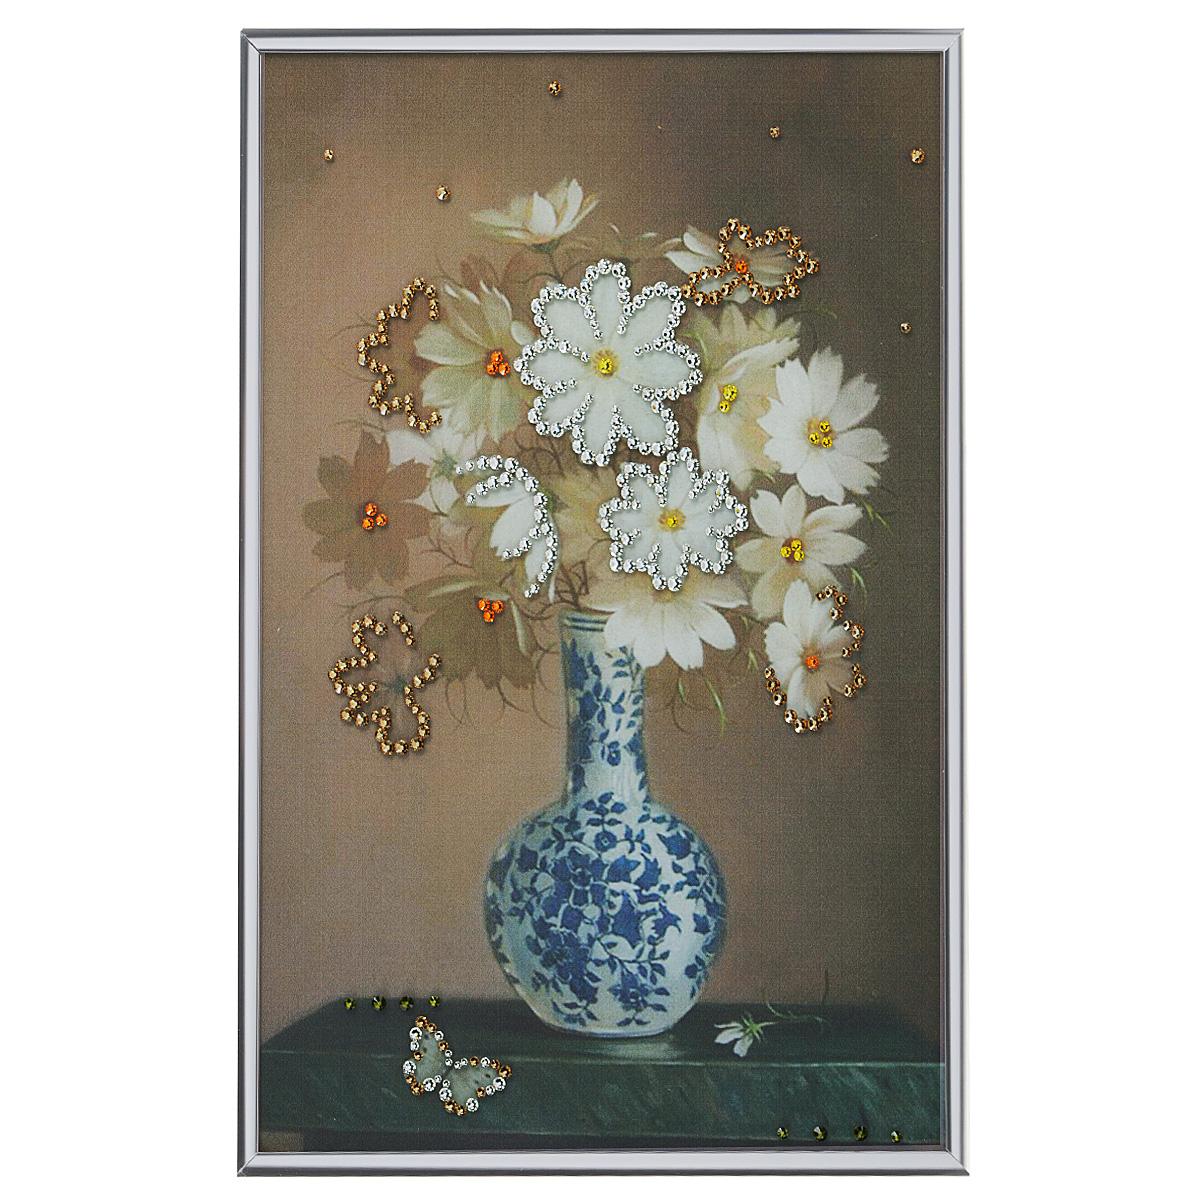 Картина с кристаллами Swarovski Недотрога, 20 х 30 см853133Изящная картина в металлической раме, инкрустирована кристаллами Swarovski, которые отличаются четкой и ровной огранкой, ярким блеском и чистотой цвета. Красочное изображение цветов в вазе, расположенное под стеклом, прекрасно дополняет блеск кристаллов. С обратной стороны имеется металлическая петелька для размещения картины на стене.Картина с кристаллами Swarovski Недотрога элегантно украсит интерьер дома или офиса, а также станет прекрасным подарком, который обязательно понравится получателю. Блеск кристаллов в интерьере, что может быть сказочнее и удивительнее. Картина упакована в подарочную картонную коробку синего цвета и комплектуется сертификатом соответствия Swarovski.